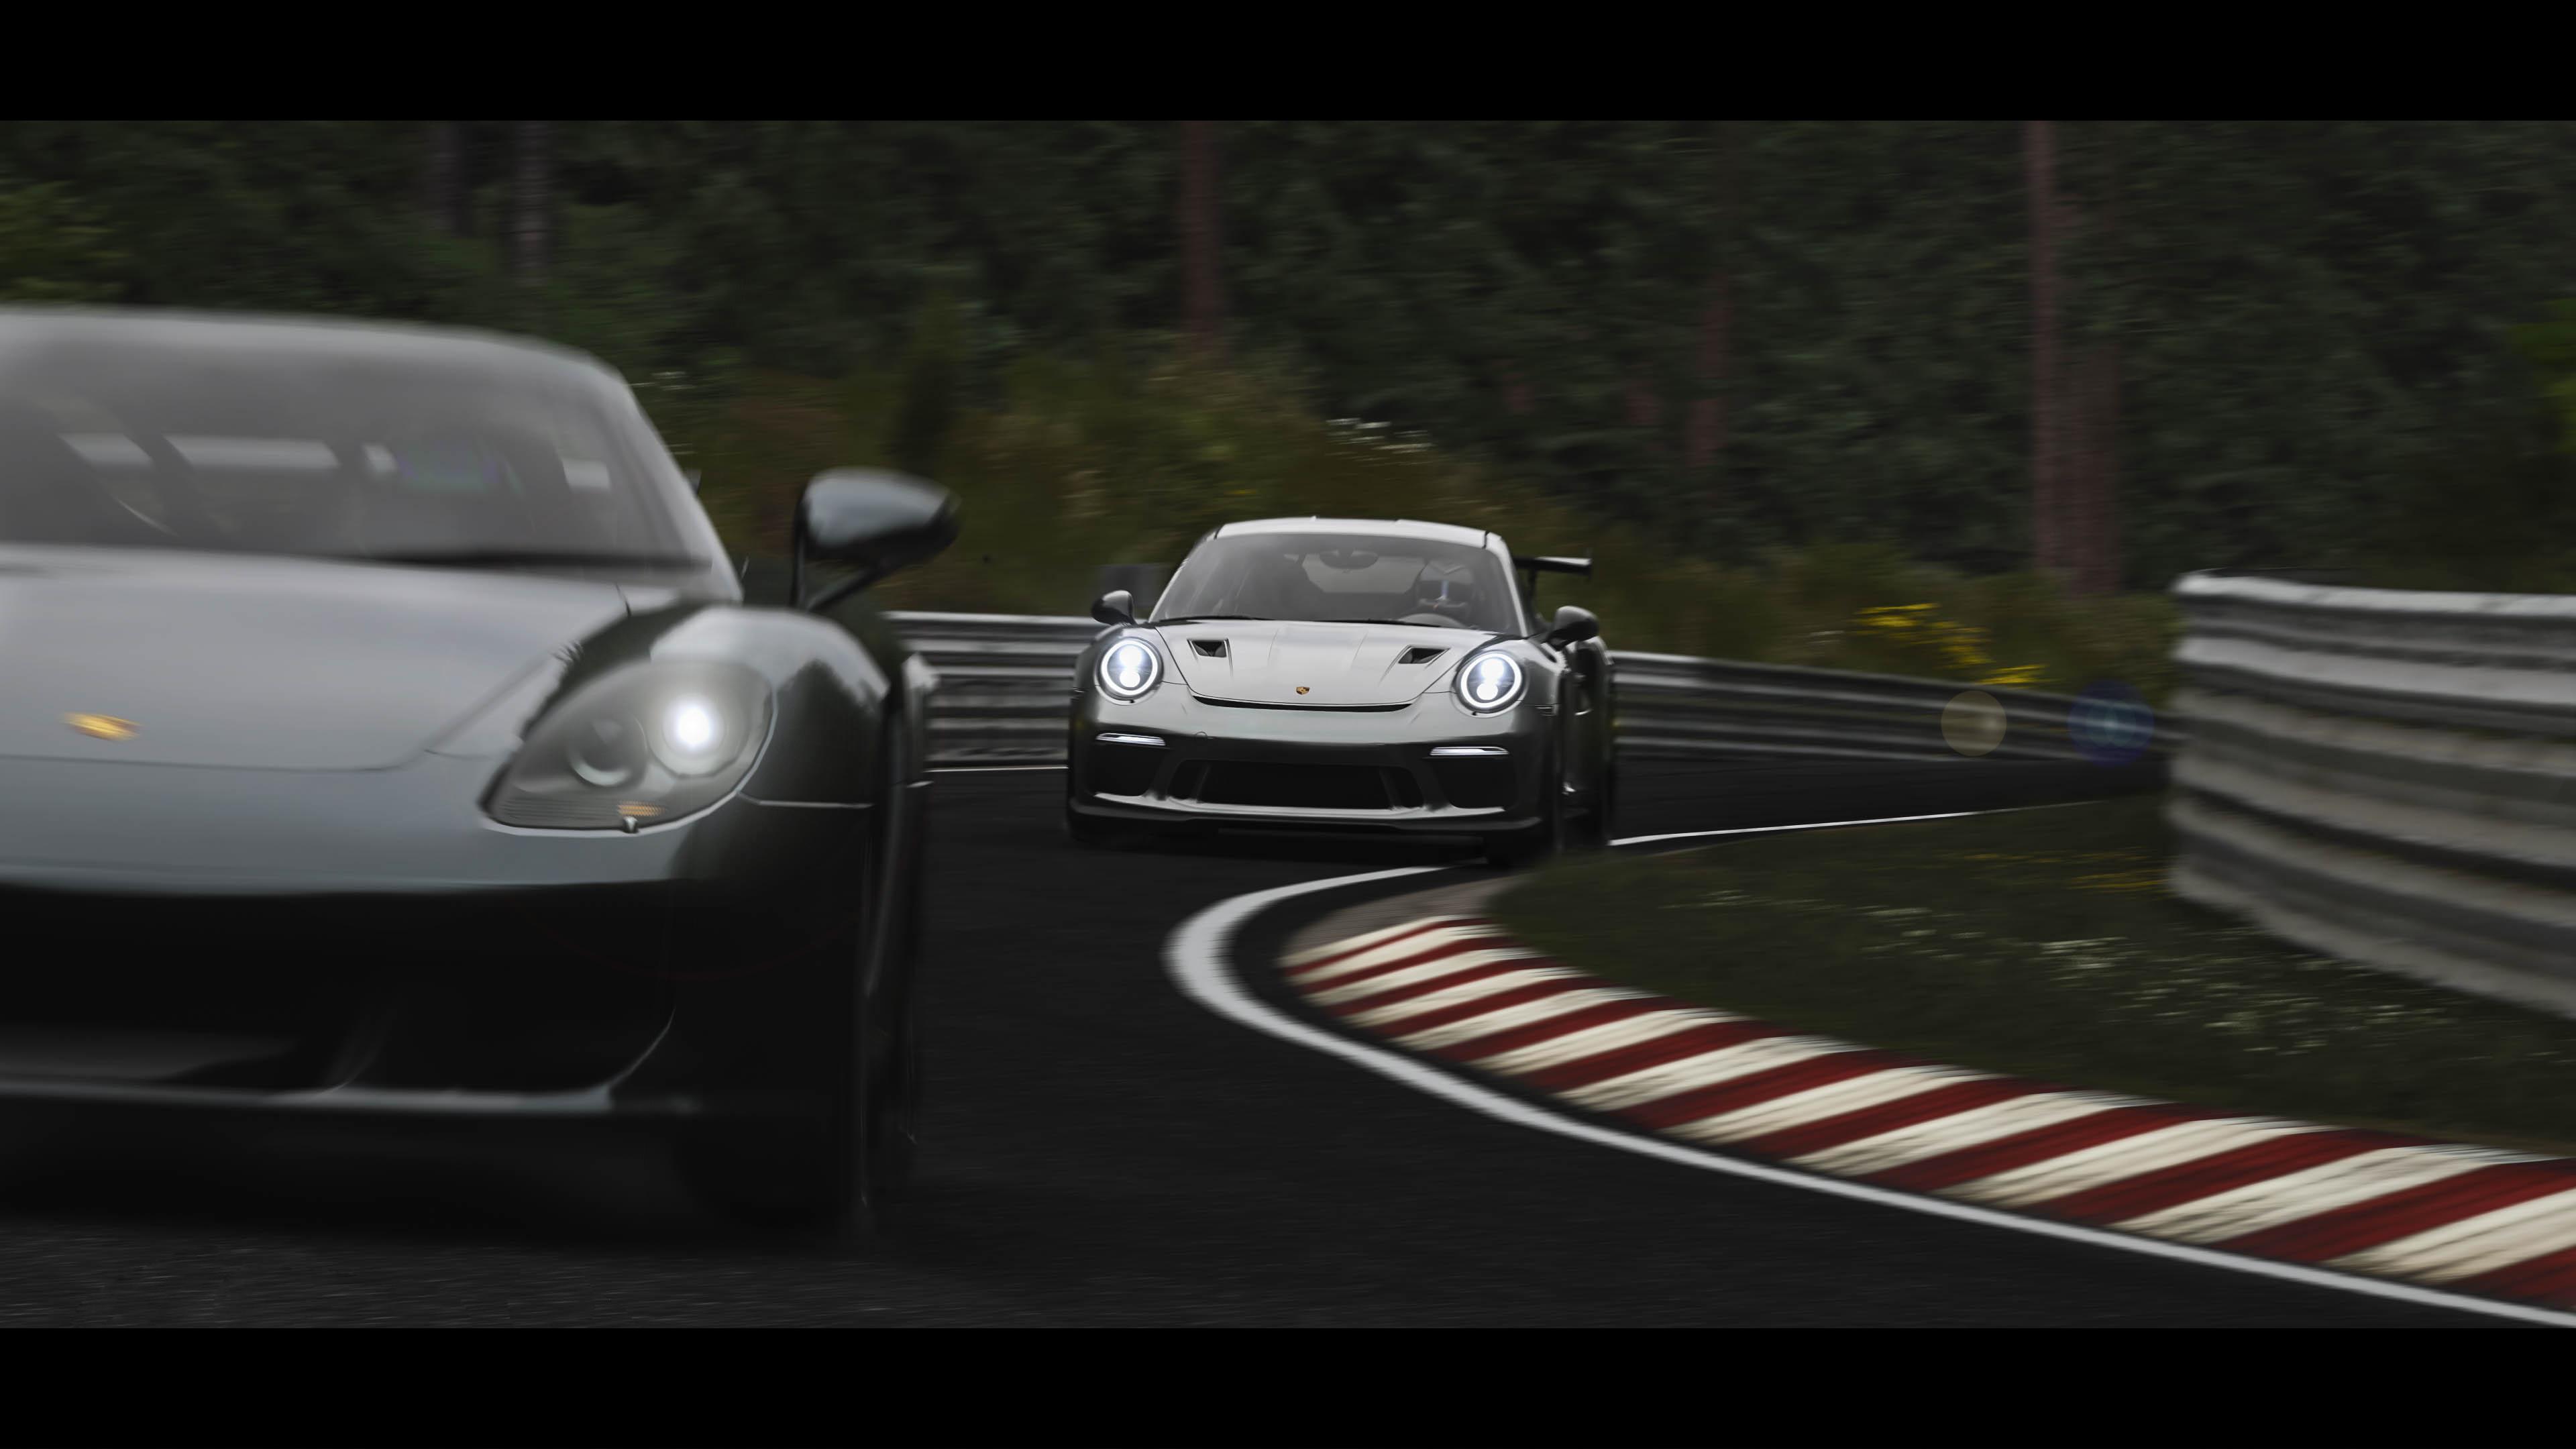 42125455870_c1c0ea5e83_o ForzaMotorsport.fr